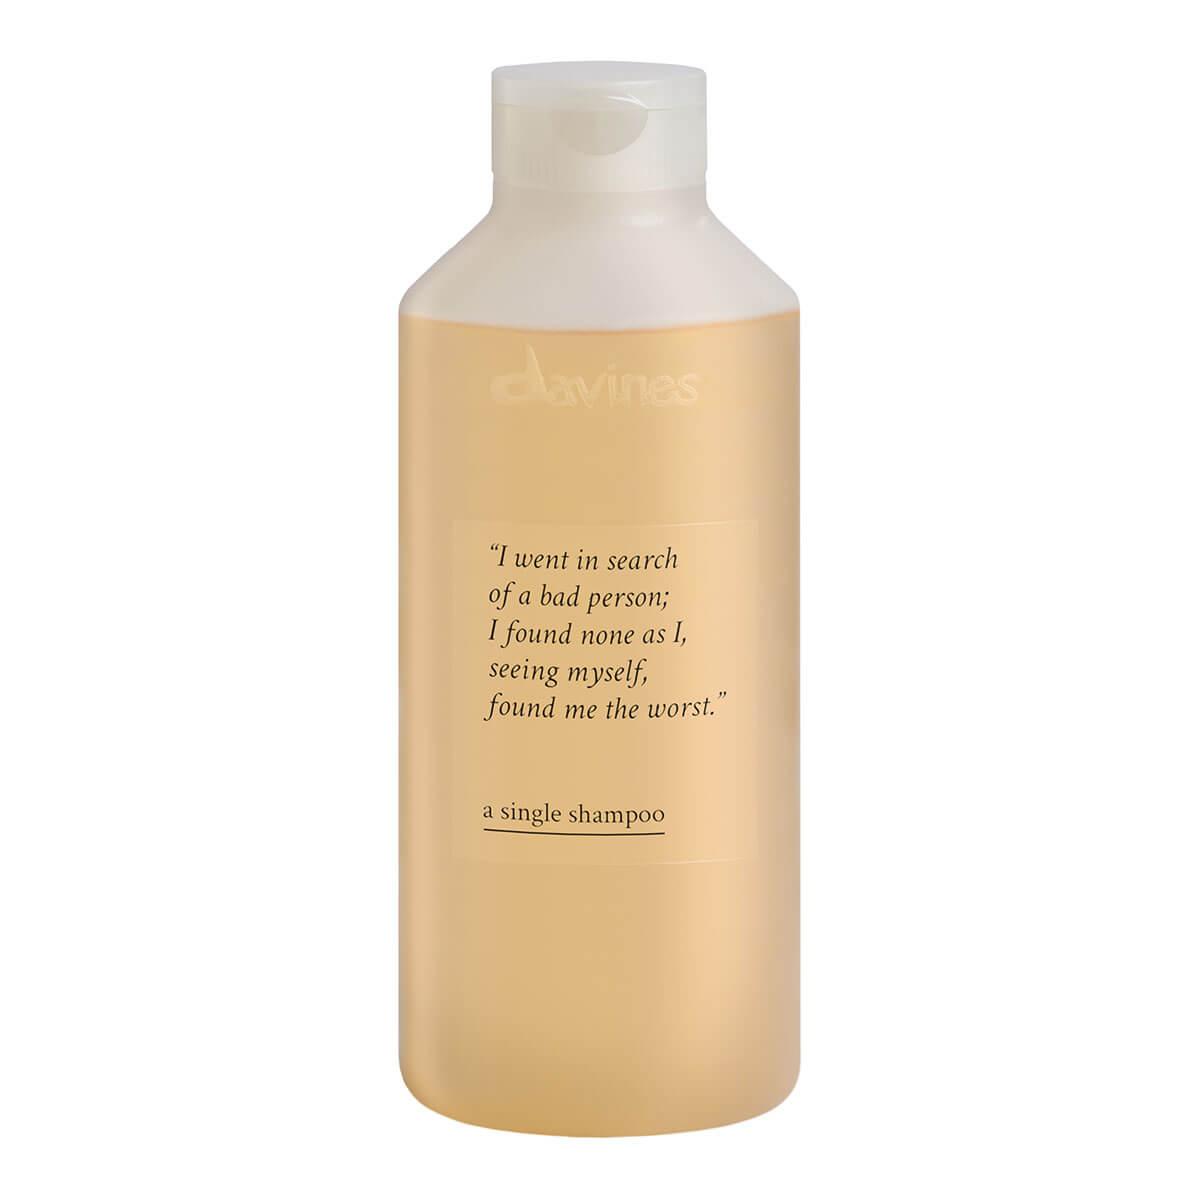 8004608265443 a single shampoo 250ml